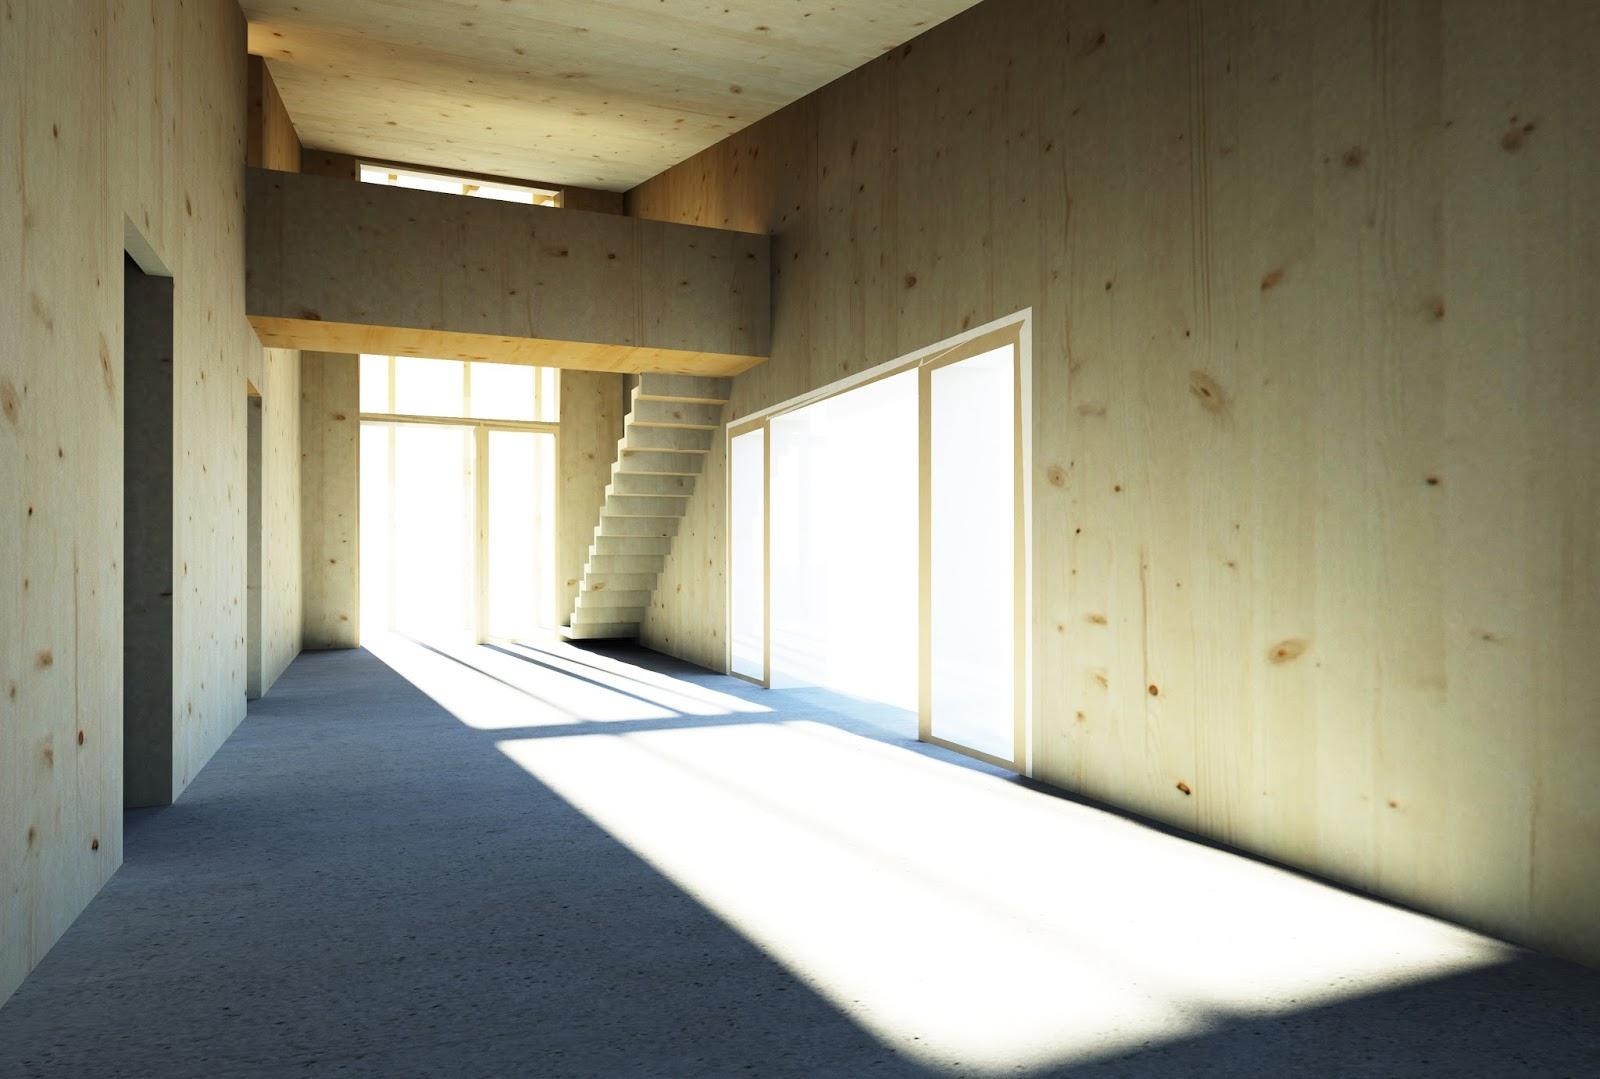 Che permessi servono per costruire una casa in legno for Costruire una casa in legno